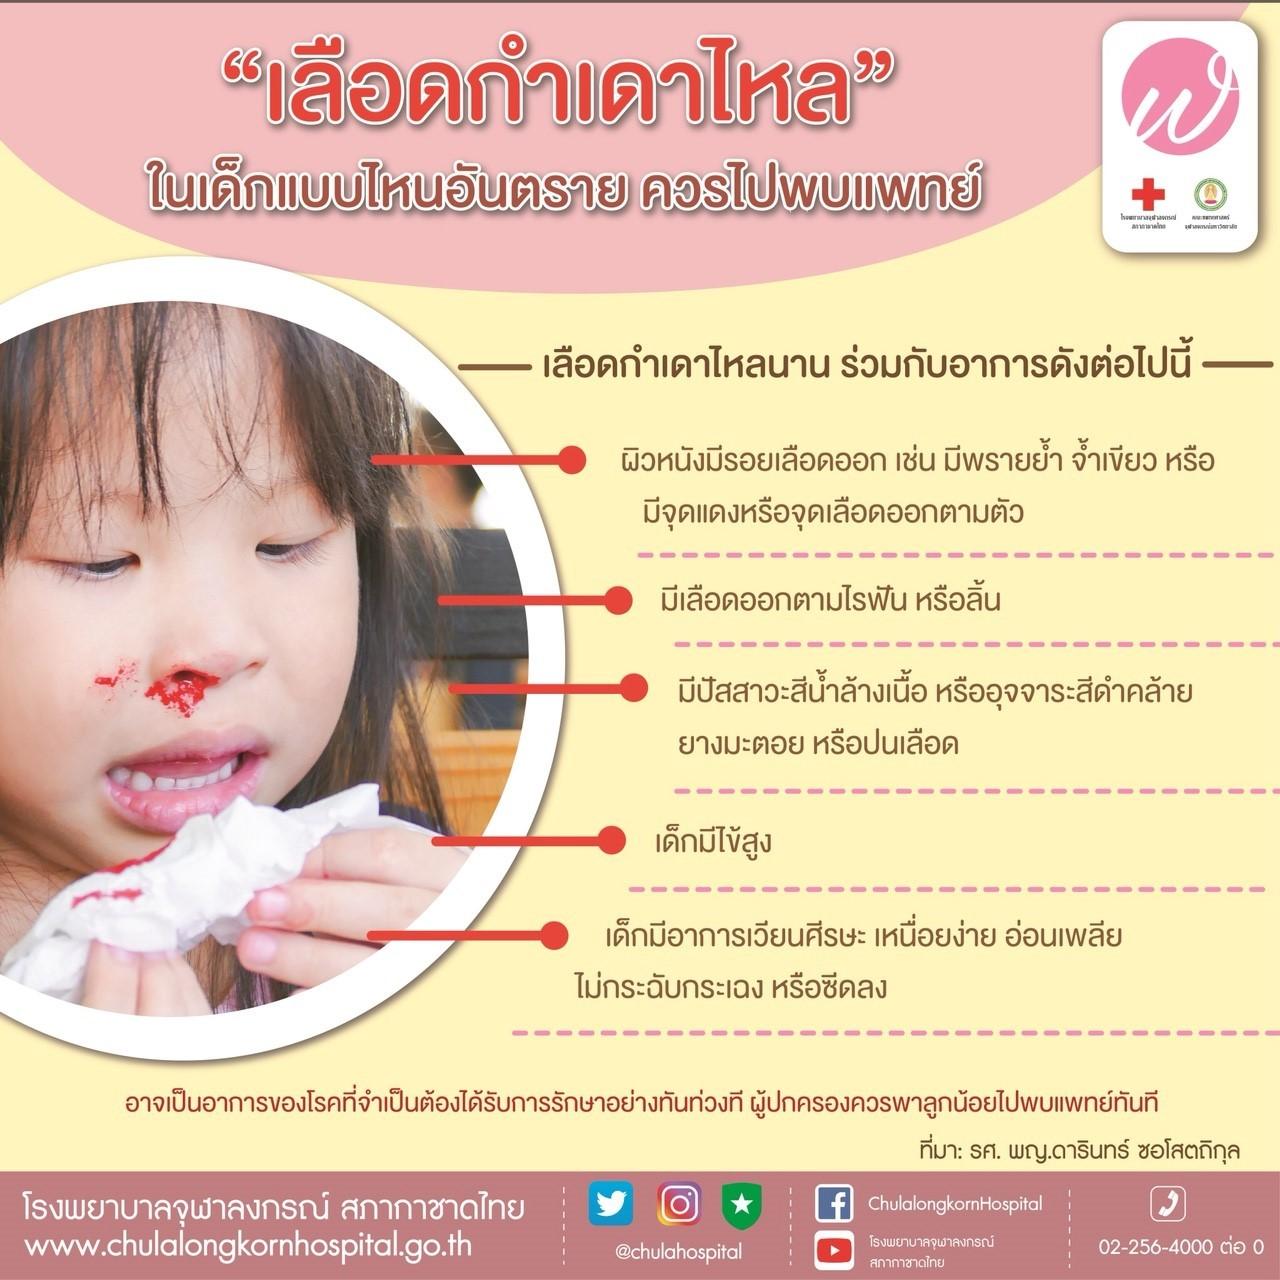 เลือดกำเดาไหล ในเด็กแบบไหนอัตราย ควรไปพบแพทย์